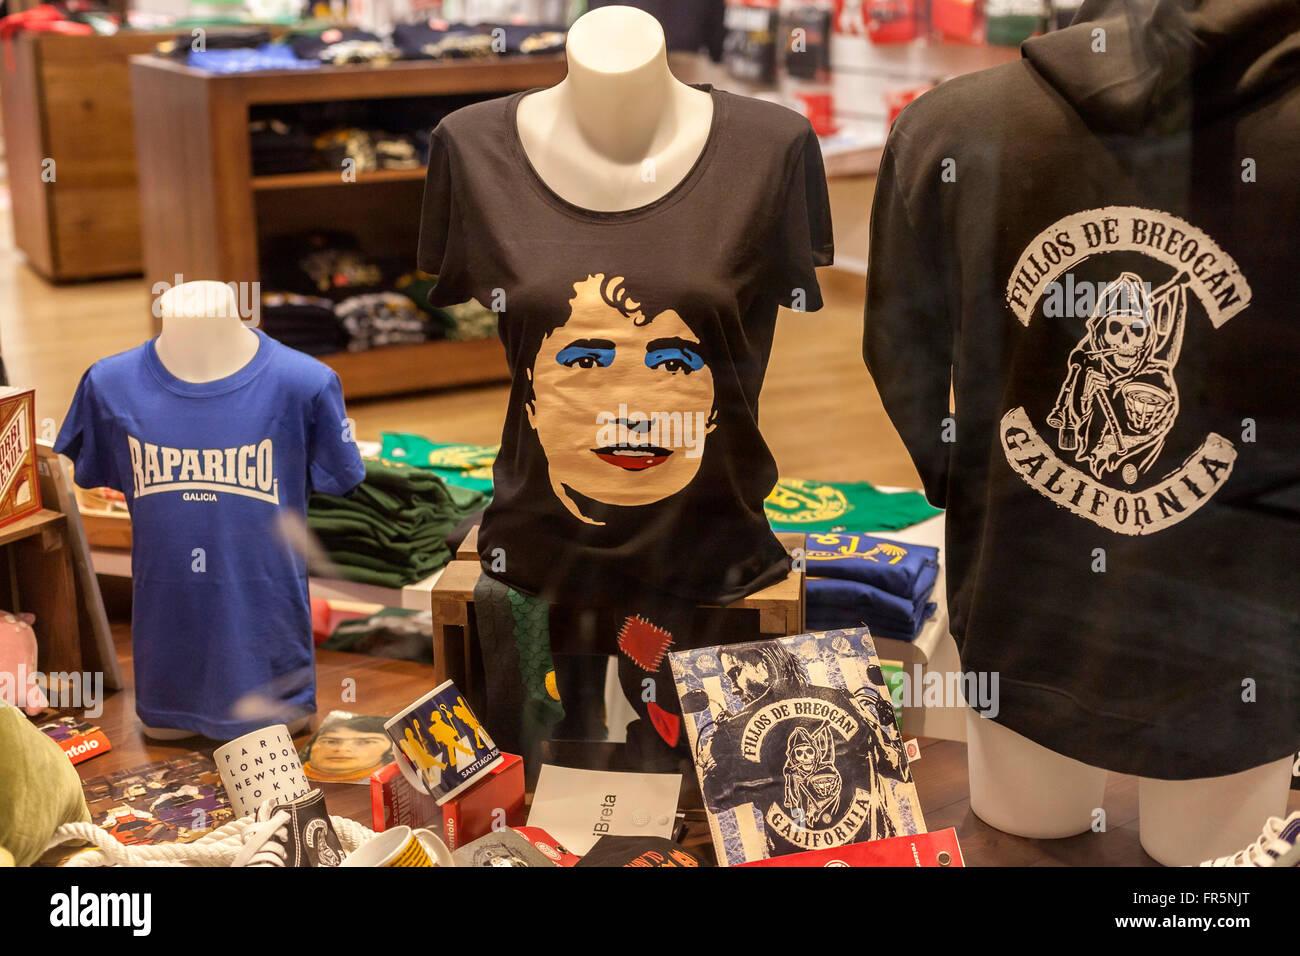 Camino De Santiago Souvenirs Stock Photos Amp Camino De